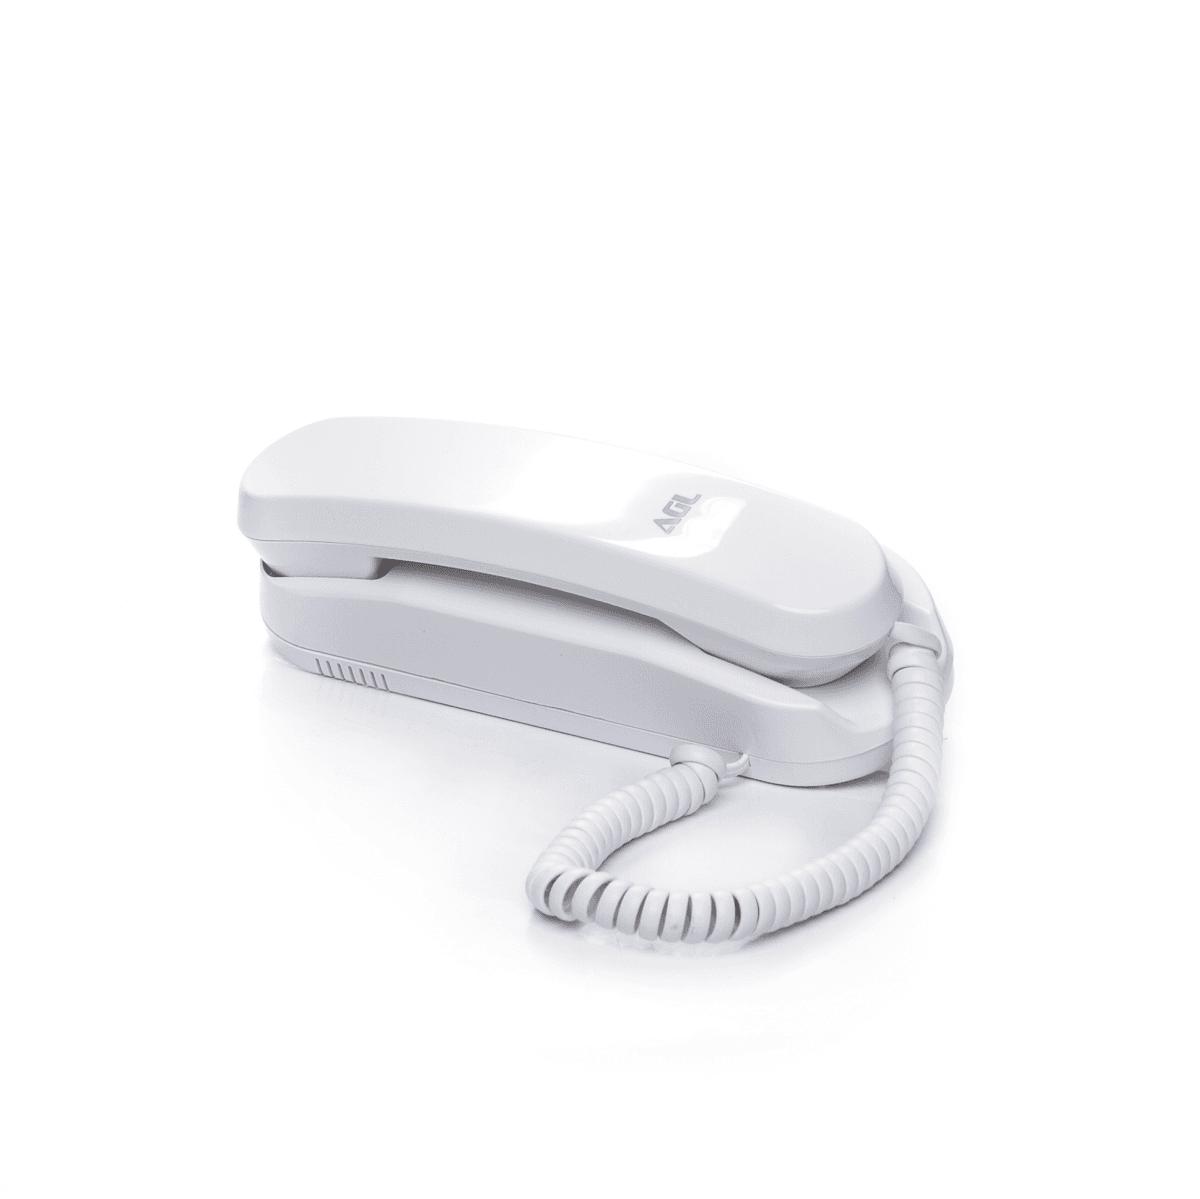 Kit Porteiro Eletrônico Coletivo AGL 8 Pontos S300 Com 8 Monofones